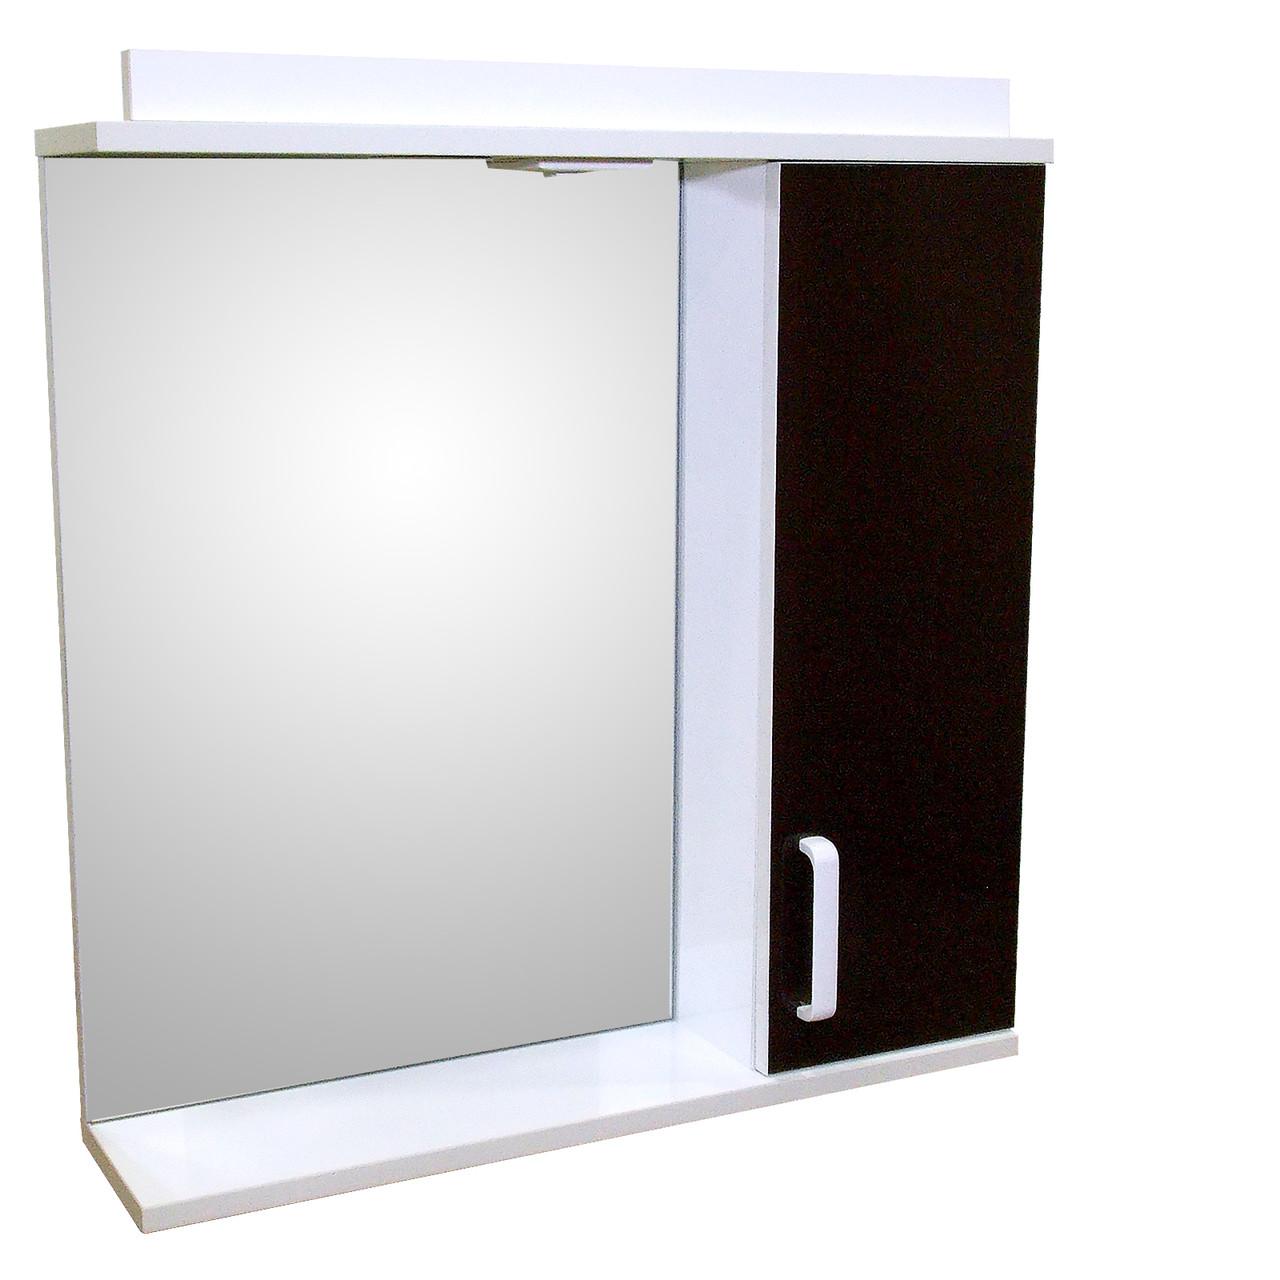 Зеркало 70 для ванной комнаты с подсветкой и шкафчиком Дебют Перфект  шоколад